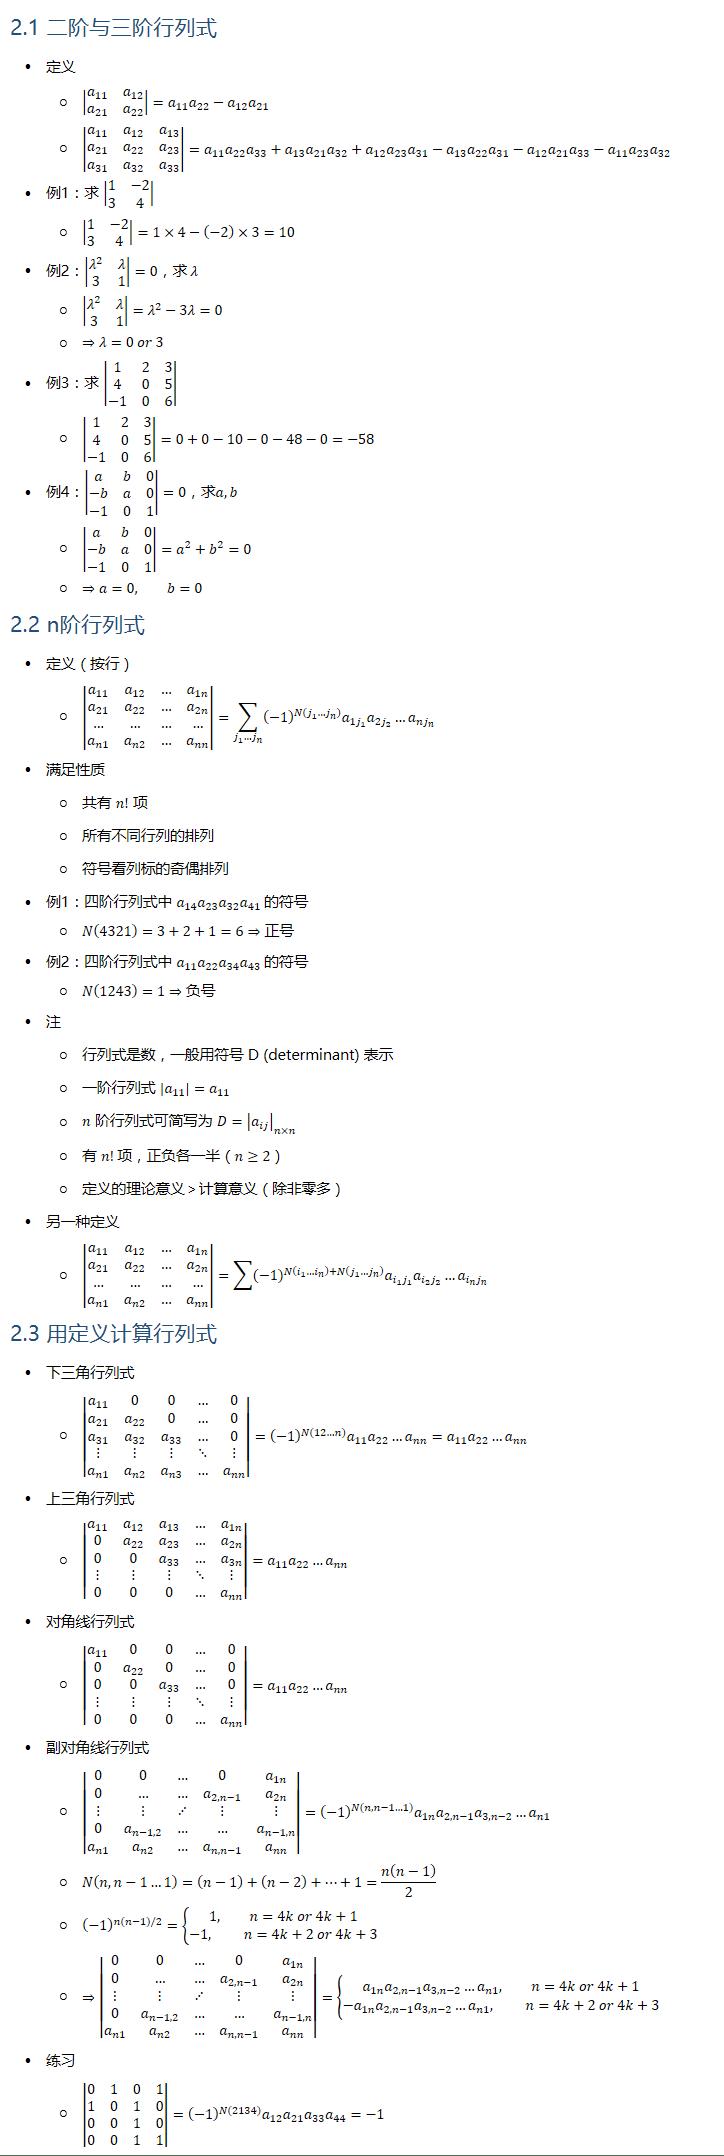 2.1 二阶与三阶行列式 • 定义 ○ |■8(a_11&a_12@a_21&a_22 )|=a_11 a_22−a_12 a_21 ○ |■8(a_11&a_12&a_13@a_21&a_22&a_23@a_31&a_32&a_33 )|=a_11 a_22 a_33+a_13 a_21 a_32+a_12 a_23 a_31−a_13 a_22 a_31−a_12 a_21 a_33−a_11 a_23 a_32 • 例1:求 |■8(1&−2@3&4)| ○ |■8(1&−2@3&4)|=1×4−(−2)×3=10 • 例2:|■8(λ^2&λ@3&1)|=0,求 λ ○ |■8(λ^2&λ@3&1)|=λ^2−3λ=0 ○ ⇒λ=0 or 3 • 例3:求 |■8(1&2&3@4&0&5@−1&0&6)| ○ |■8(1&2&3@4&0&5@−1&0&6)|=0+0−10−0−48−0=−58 • 例4:|■8(a&b&0@−b&a&0@−1&0&1)|=0,求a,b ○ |■8(a&b&0@−b&a&0@−1&0&1)|=a^2+b^2=0 ○ ⇒a=0, b=0 2.2 n阶行列式 • 定义(按行) ○ |■8(a_11&a_12&…&a_1n@a_21&a_22&…&a_2n@…&…&…&…@a_n1&a_n2&…&a_nn )|=∑_(j_1…j_n)▒〖(−1)^(N(j_1…j_n)) a_(1j_1 ) a_(2j_2 )…a_(nj_n ) 〗 • 满足性质 ○ 共有 n! 项 ○ 所有不同行列的排列 ○ 符号看列标的奇偶排列 • 例1:四阶行列式中 a_14 a_23 a_32 a_41 的符号 ○ N(4321)=3+2+1=6⇒正号 • 例2:四阶行列式中 a_11 a_22 a_34 a_43 的符号 ○ N(1243)=1⇒负号 • 注 ○ 行列式是数,一般用符号 D (determinant) 表示 ○ 一阶行列式 |a_11 |=a_11 ○ n 阶行列式可简写为 D=|a_ij |_(n×n) ○ 有 n! 项,正负各一半(n≥2) ○ 定义的理论意义  计算意义(除非零多) • 另一种定义 ○ |■8(a_11&a_12&…&a_1n@a_21&a_22&…&a_2n@…&…&…&…@a_n1&a_n2&…&a_nn )|=∑▒〖(−1)^(N(i_1…i_n )+N(j_1…j_n ) ) a_(i_1 j_1 ) a_(i_2 j_2 )…a_(i_n j_n ) 〗 2.3 用定义计算行列式 • 下三角行列式 ○ |■8(a_11&0&0&…&0@a_21&a_22&0&…&0@a_31&a_32&a_33&…&0@⋮&⋮&⋮&⋱&⋮@a_n1&a_n2&a_n3&…&a_nn )|=(−1)^(N(12…n)) a_11 a_22…a_nn=a_11 a_22…a_nn • 上三角行列式 ○ |■8(a_11&a_12&a_13&…&a_1n@0&a_22&a_23&…&a_2n@0&0&a_33&…&a_3n@⋮&⋮&⋮&⋱&⋮@0&0&0&…&a_nn )|=a_11 a_22…a_nn • 对角线行列式 ○ |■8(a_11&0&0&…&0@0&a_22&0&…&0@0&0&a_33&…&0@⋮&⋮&⋮&⋱&⋮@0&0&0&…&a_nn )|=a_11 a_22…a_nn • 副对角线行列式 ○ |■8(0&0&…&0&a_1n@0&…&…&a_(2,n−1)&a_2n@⋮&⋮&⋰&⋮&⋮@0&a_(n−1,2)&…&…&a_(n−1,n)@a_n1&a_n2&…&a_(n,n−1)&a_nn )|=(−1)^(N(n,n−1…1)) a_1n a_(2,n−1) a_(3,n−2)…a_n1 ○ N(n, n−1…1)=(n−1)+(n−2)+…+1=n(n−1)/2 ○ (−1)^(n(n−1)/2)={█(1, n=4k or 4k+1@−1, n=4k+2 or 4k+3)┤ ○ ⇒|■8(0&0&…&0&a_1n@0&…&…&a_(2,n−1)&a_2n@⋮&⋮&⋰&⋮&⋮@0&a_(n−1,2)&…&…&a_(n−1,n)@a_n1&a_n2&…&a_(n,n−1)&a_nn )|={█(a_1n a_(2,n−1) a_(3,n−2)…a_n1, n=4k or 4k+1@−a_1n a_(2,n−1) a_(3,n−2)…a_n1, n=4k+2 or 4k+3)┤ • 练习 ○ |■8(0&1&0&1@1&0&1&0@0&0&1&0@0&0&1&1)|=(−1)^(N(2134)) a_12 a_21 a_33 a_44=−1